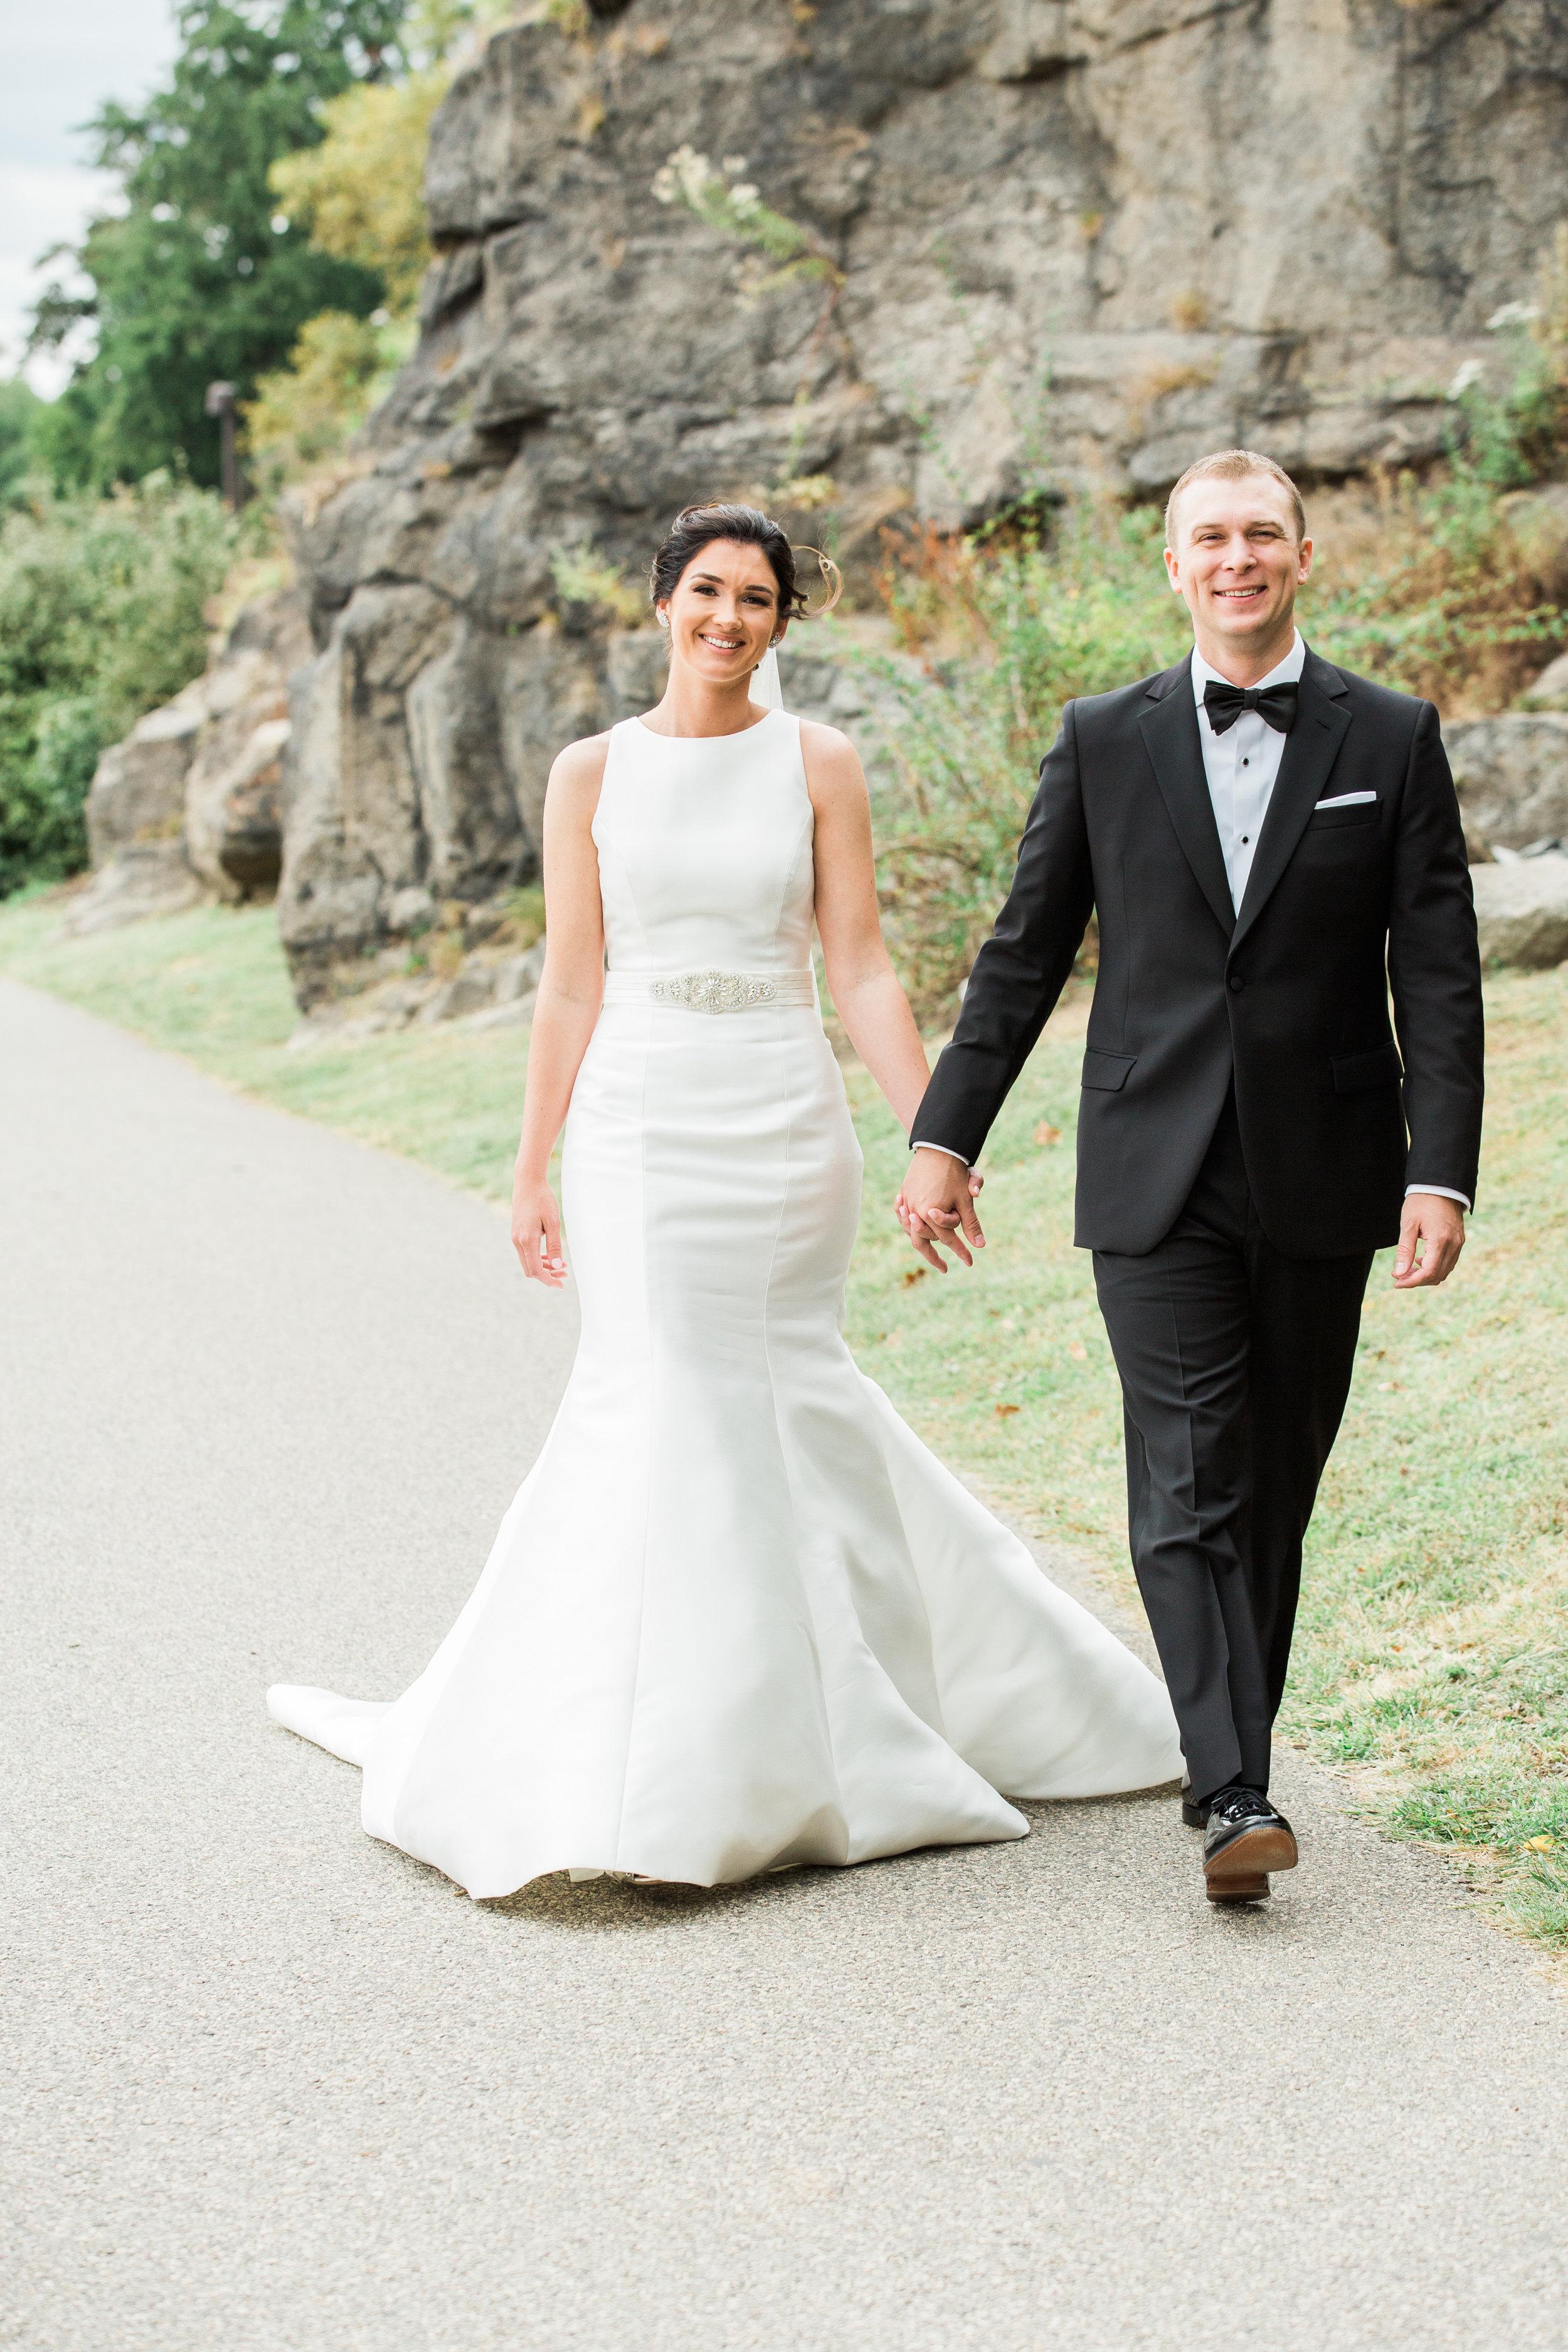 Hudson-Nichols-Black-Tie-Bride-Philadelphia-Waterworks-Wedding-Bride-Groom-Portraits14.jpg